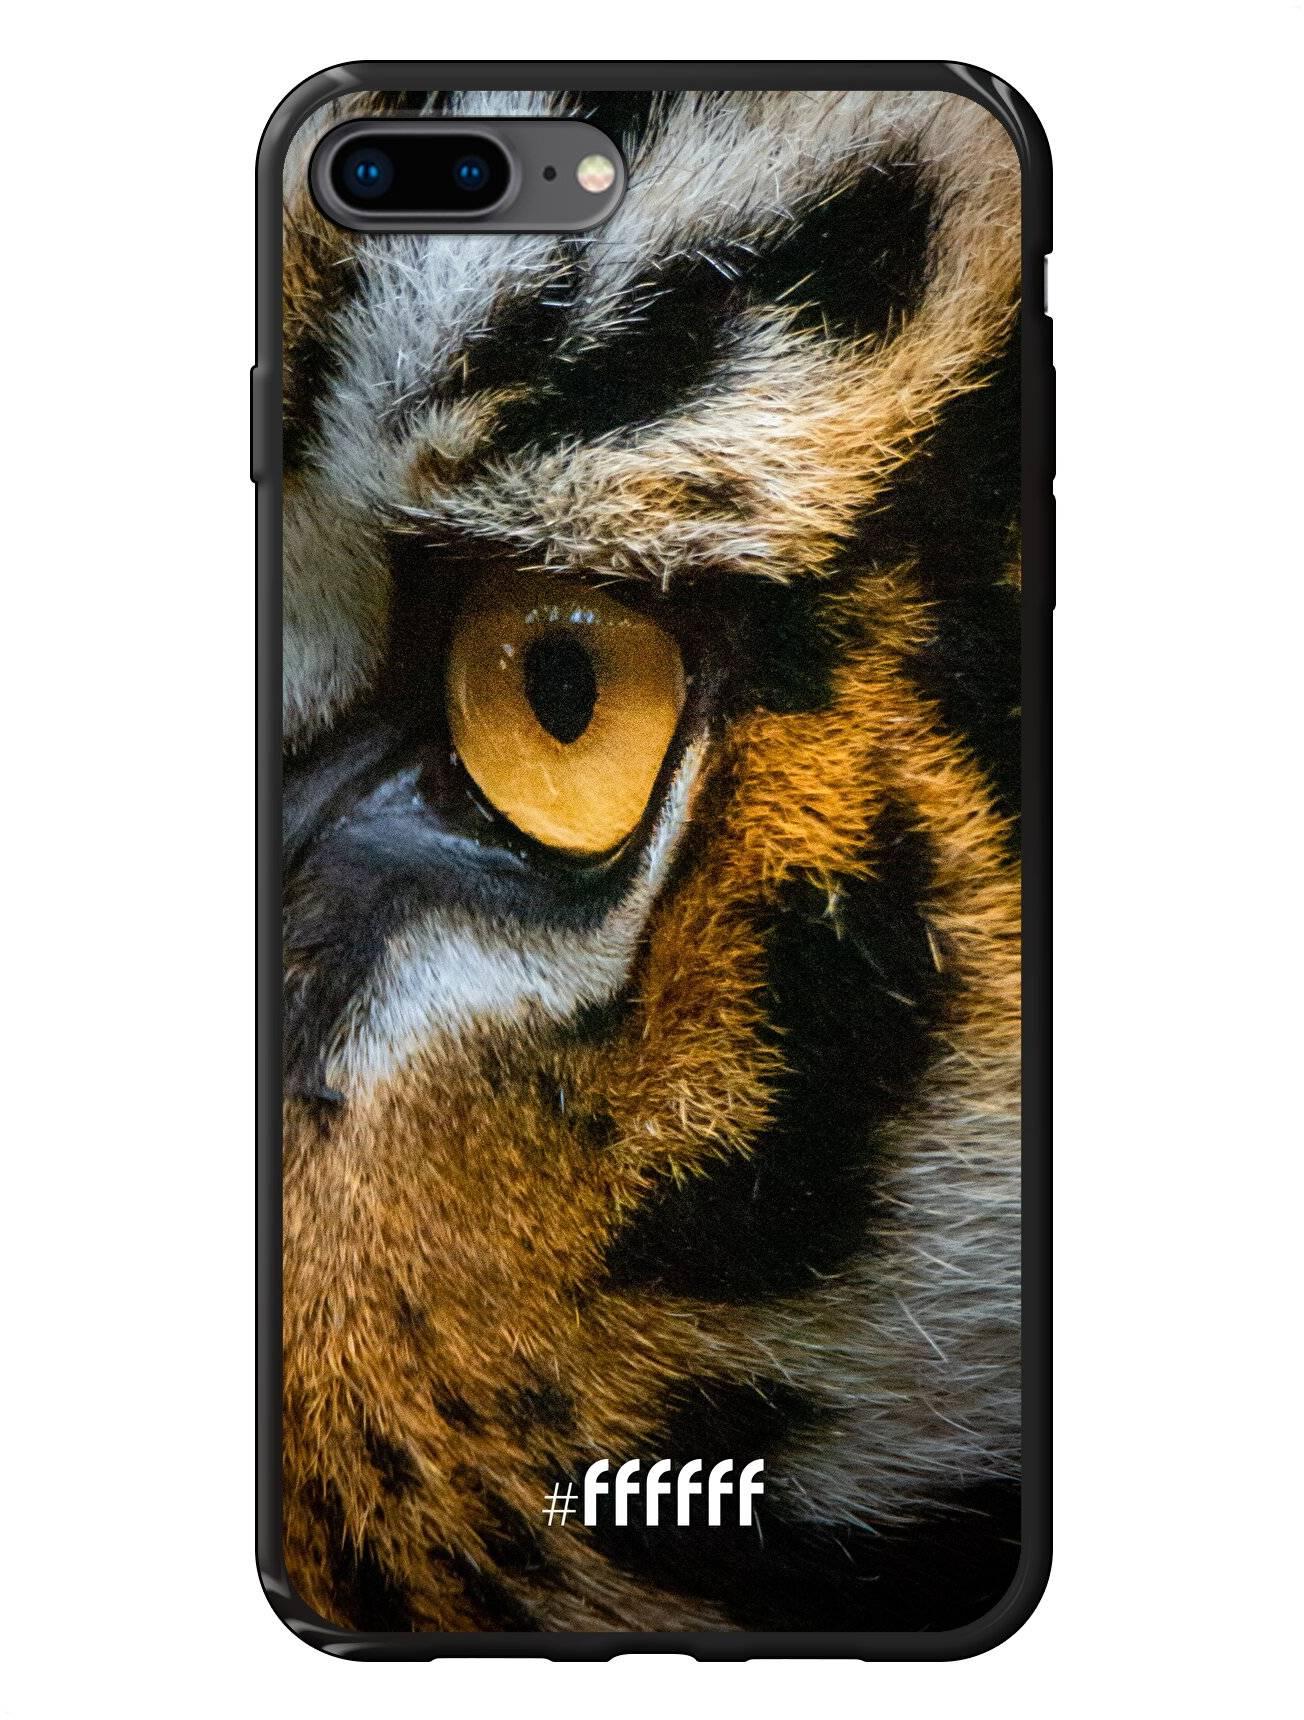 Tiger iPhone 7 Plus